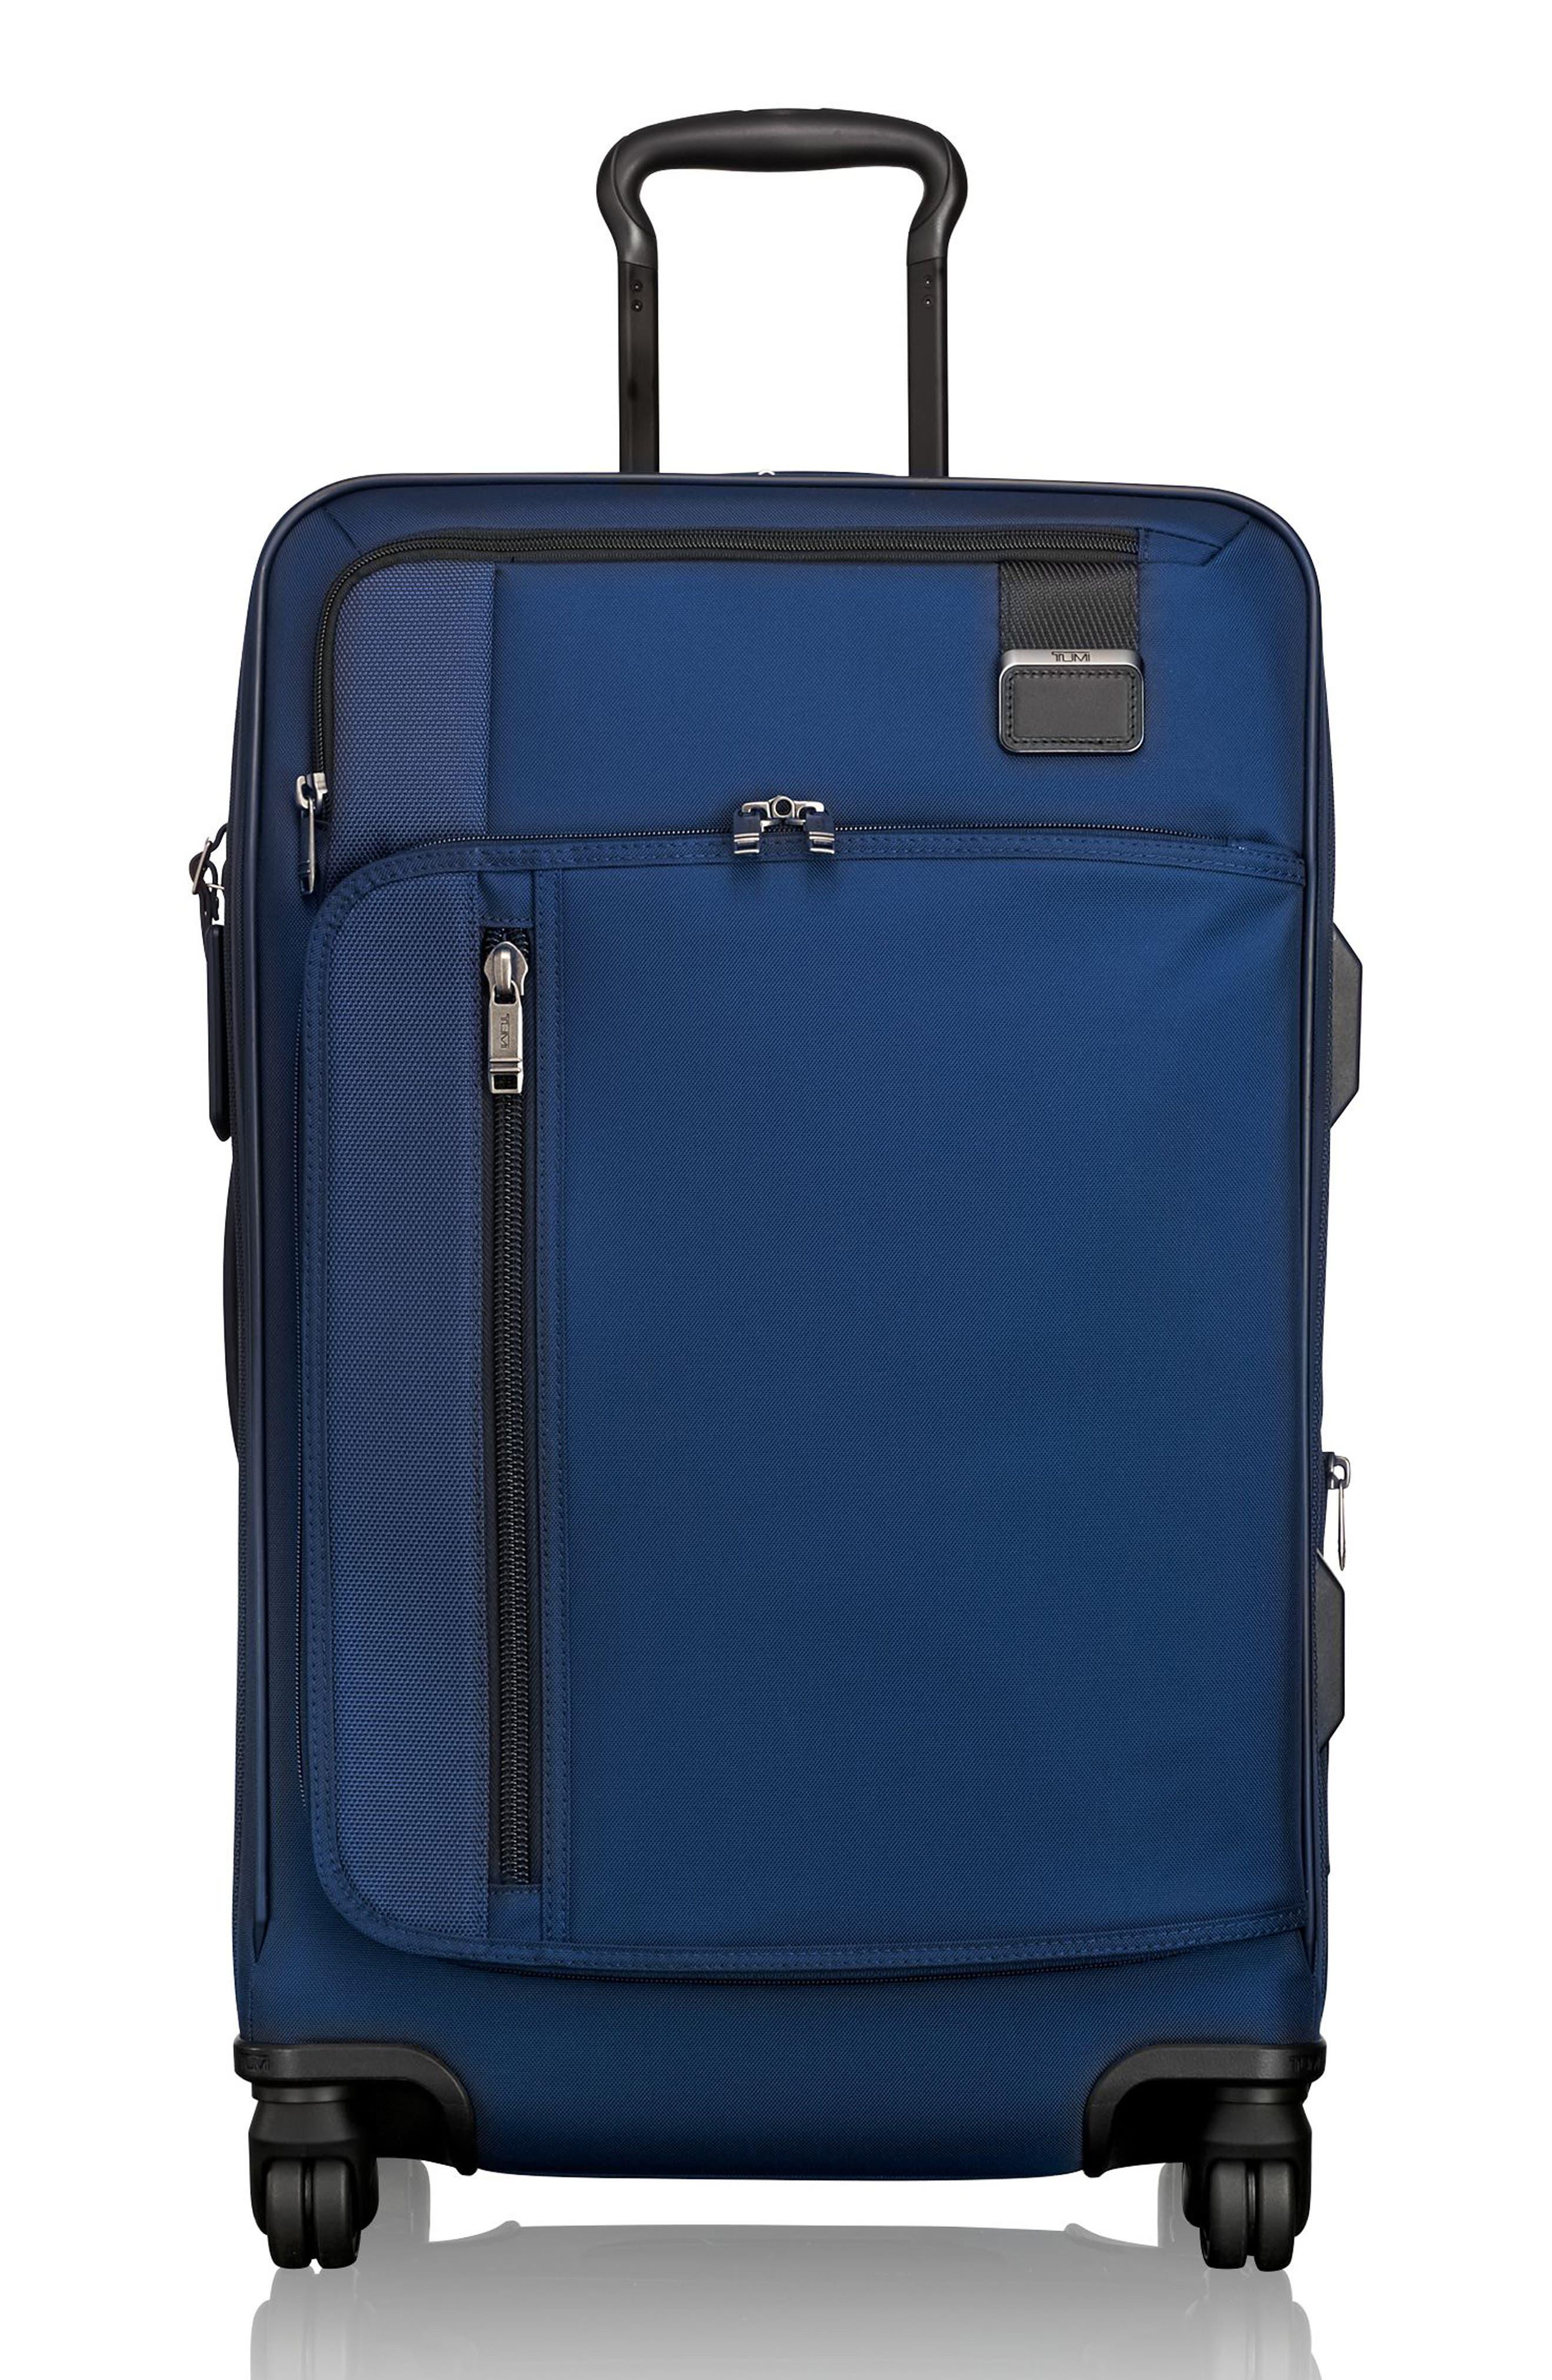 Merge - Short Trip Expandable Rolling Suitcase,                             Main thumbnail 1, color,                             OCEAN BLUE